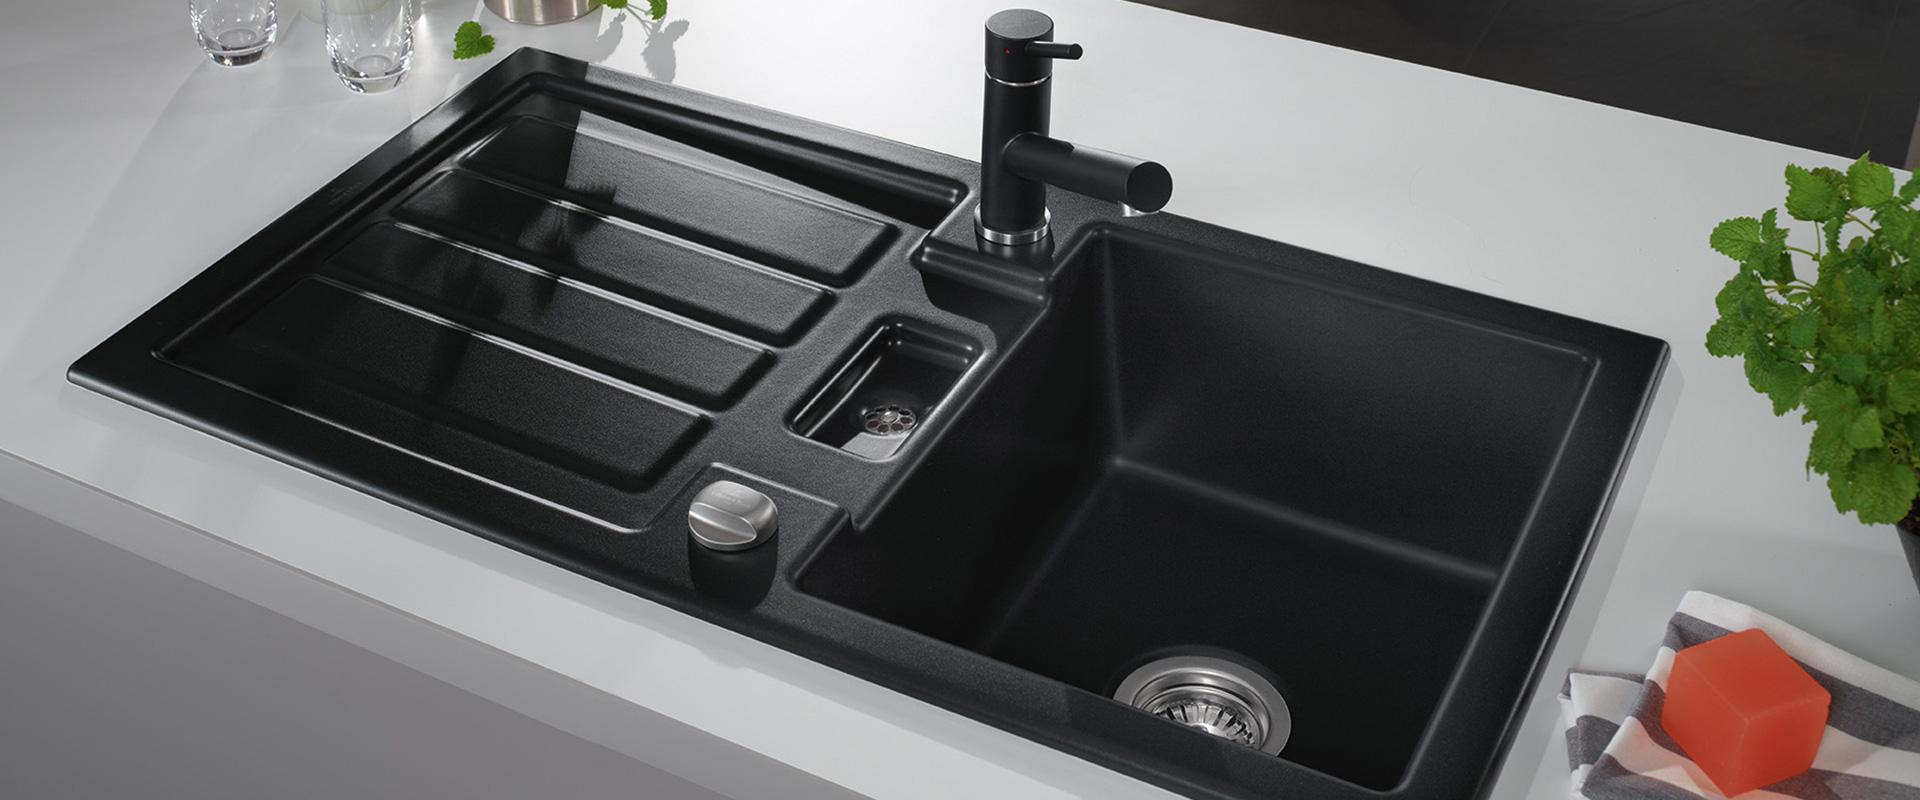 küchen gestalten mit villeroy & boch - Küchenarmaturen Villeroy Und Boch